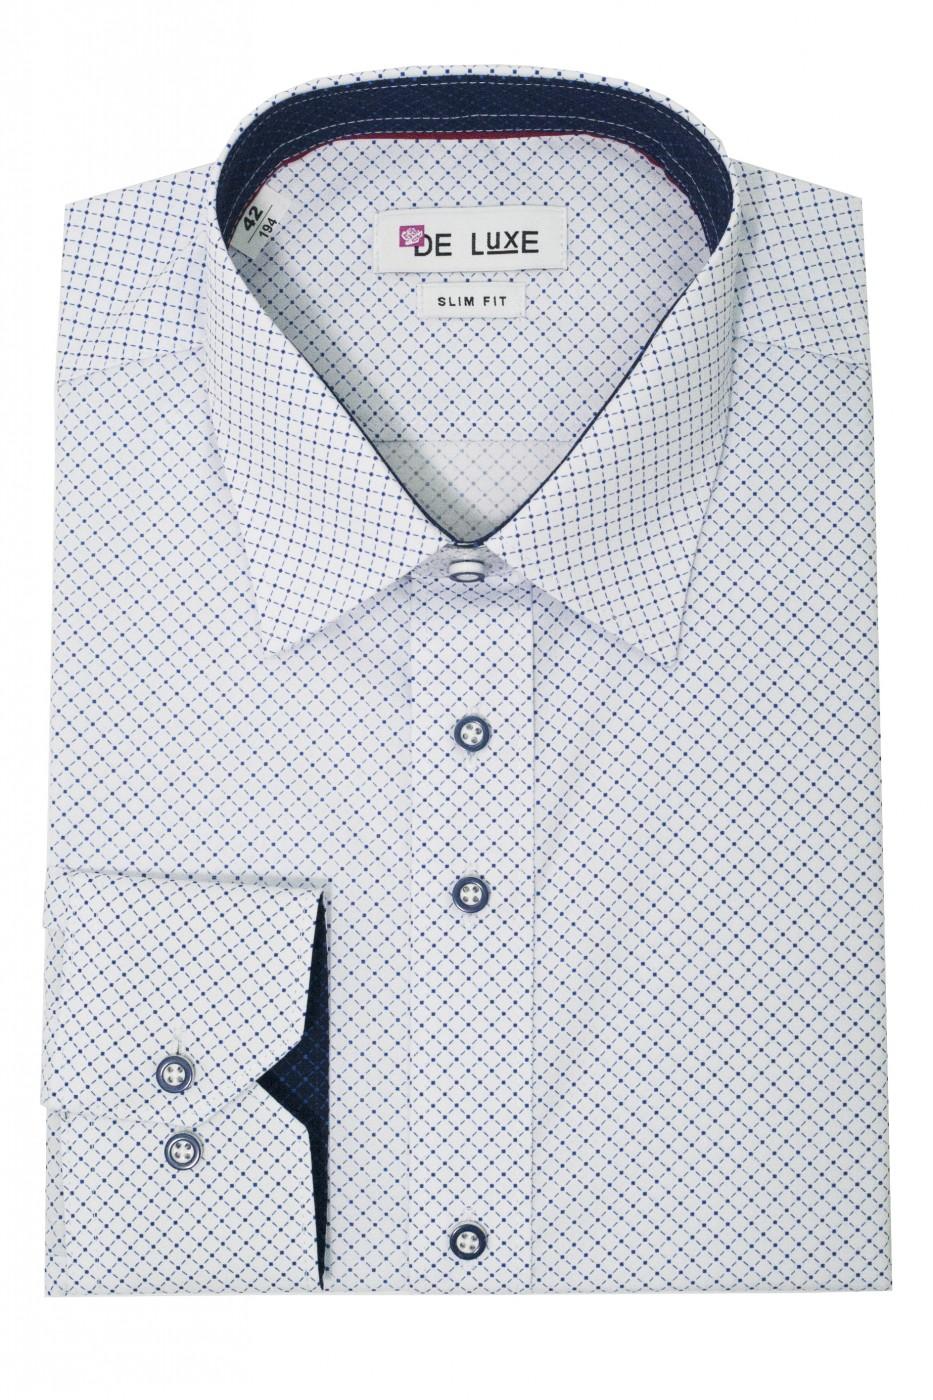 Белая мужская рубашка в голубой ромбик D48CL